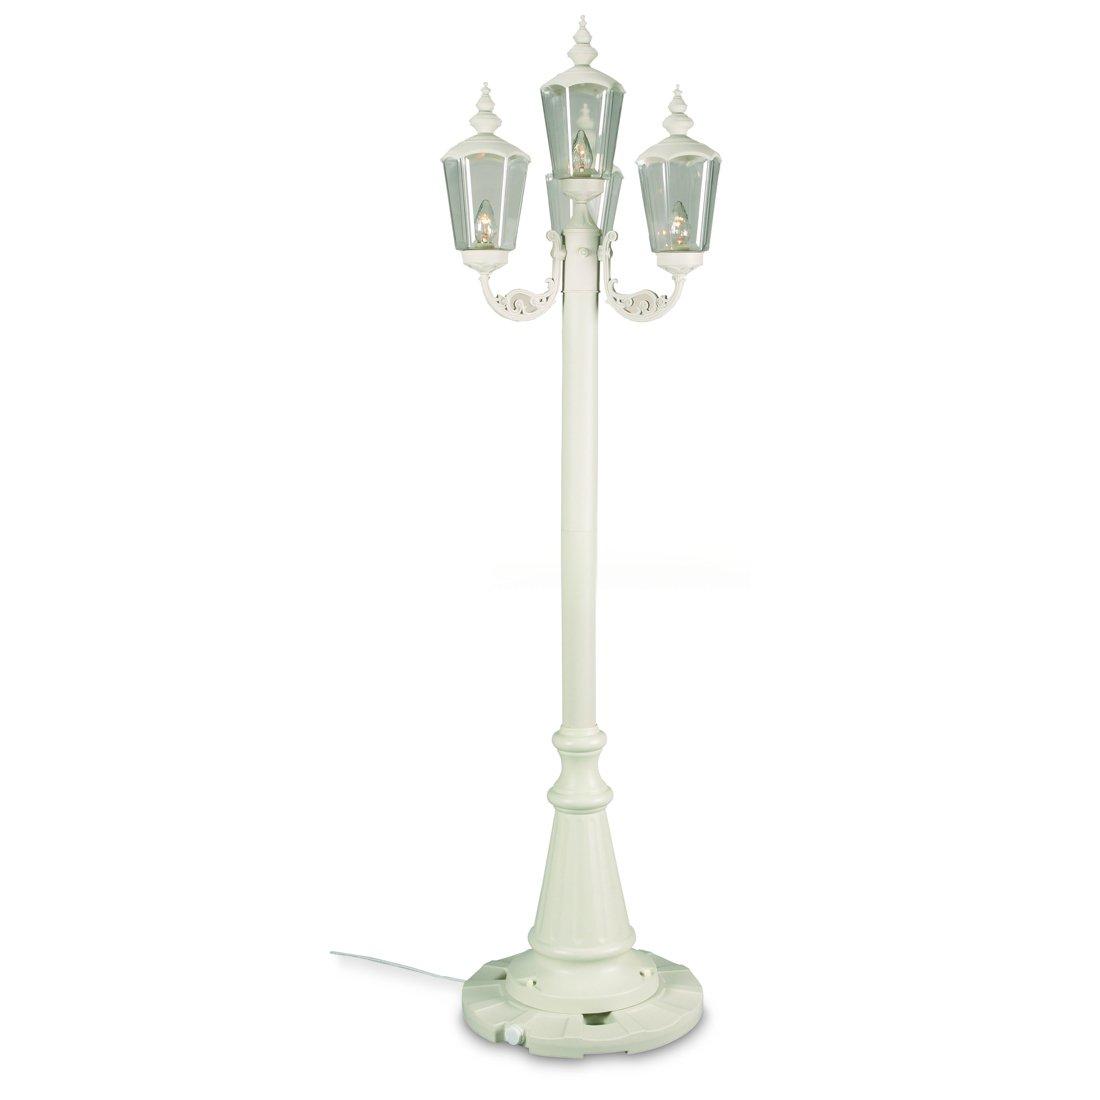 Patio Living Concepts Cambridge 00441 85 Inch Four Lantern Patio Lamp - Park Style